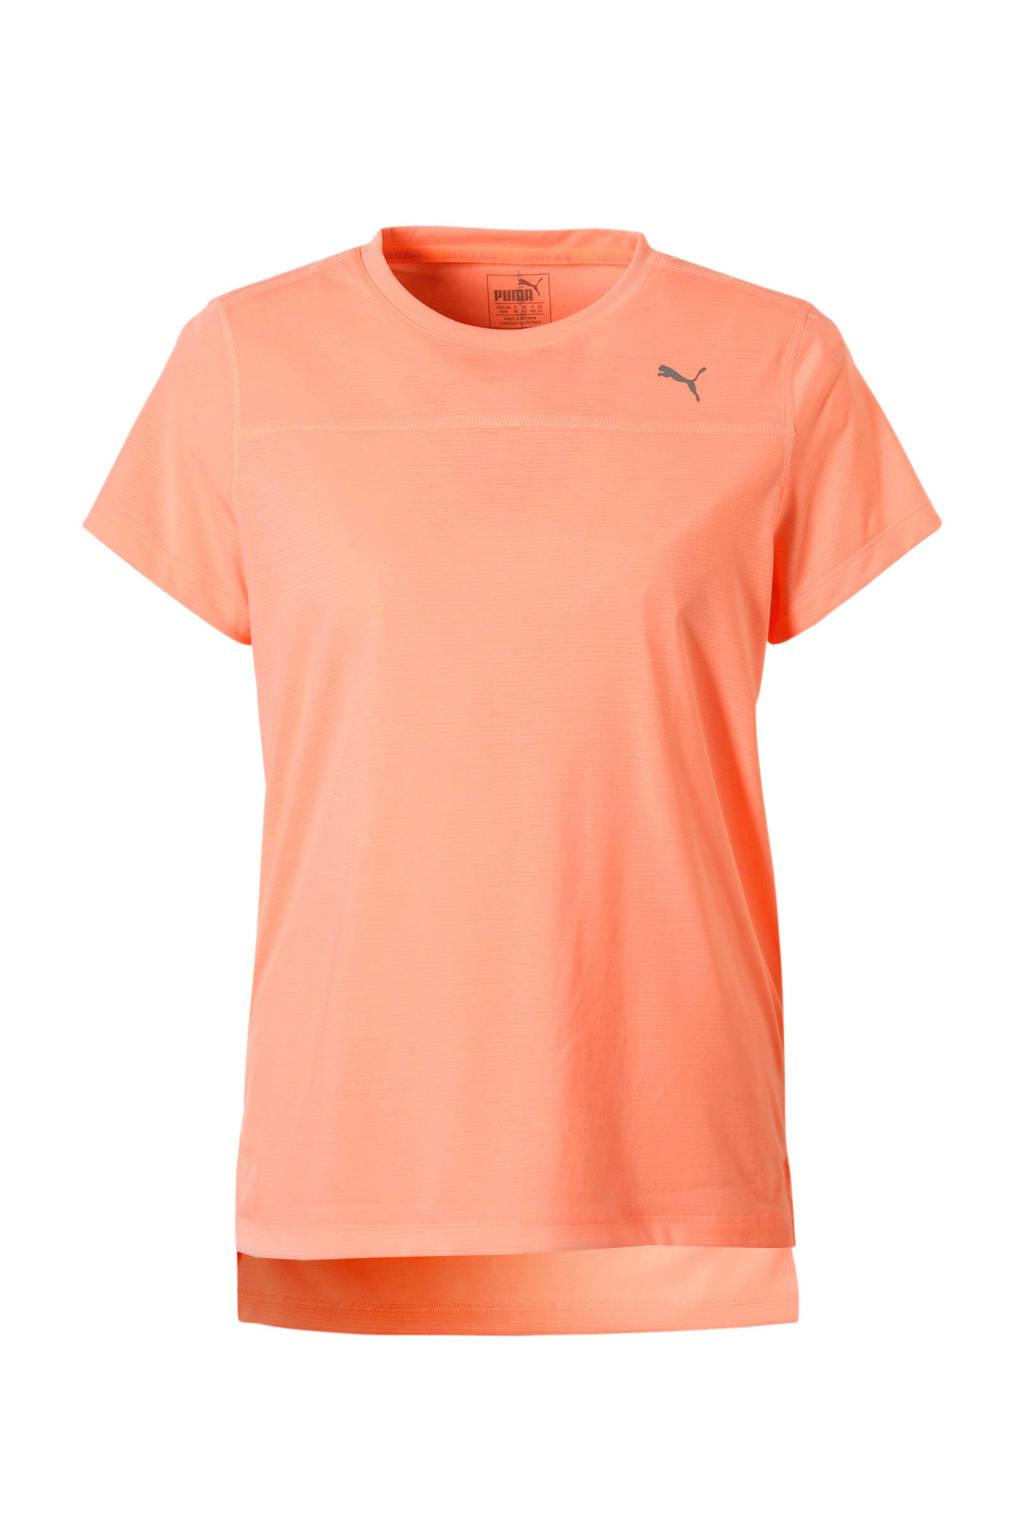 Puma sport T-shirt zalmroze, Zalmroze